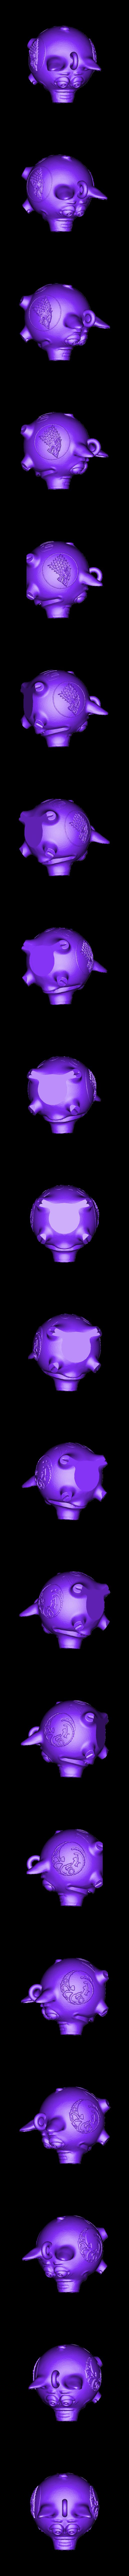 got3.stl Télécharger fichier STL gratuit Cochon GoT • Design pour impression 3D, shuranikishin